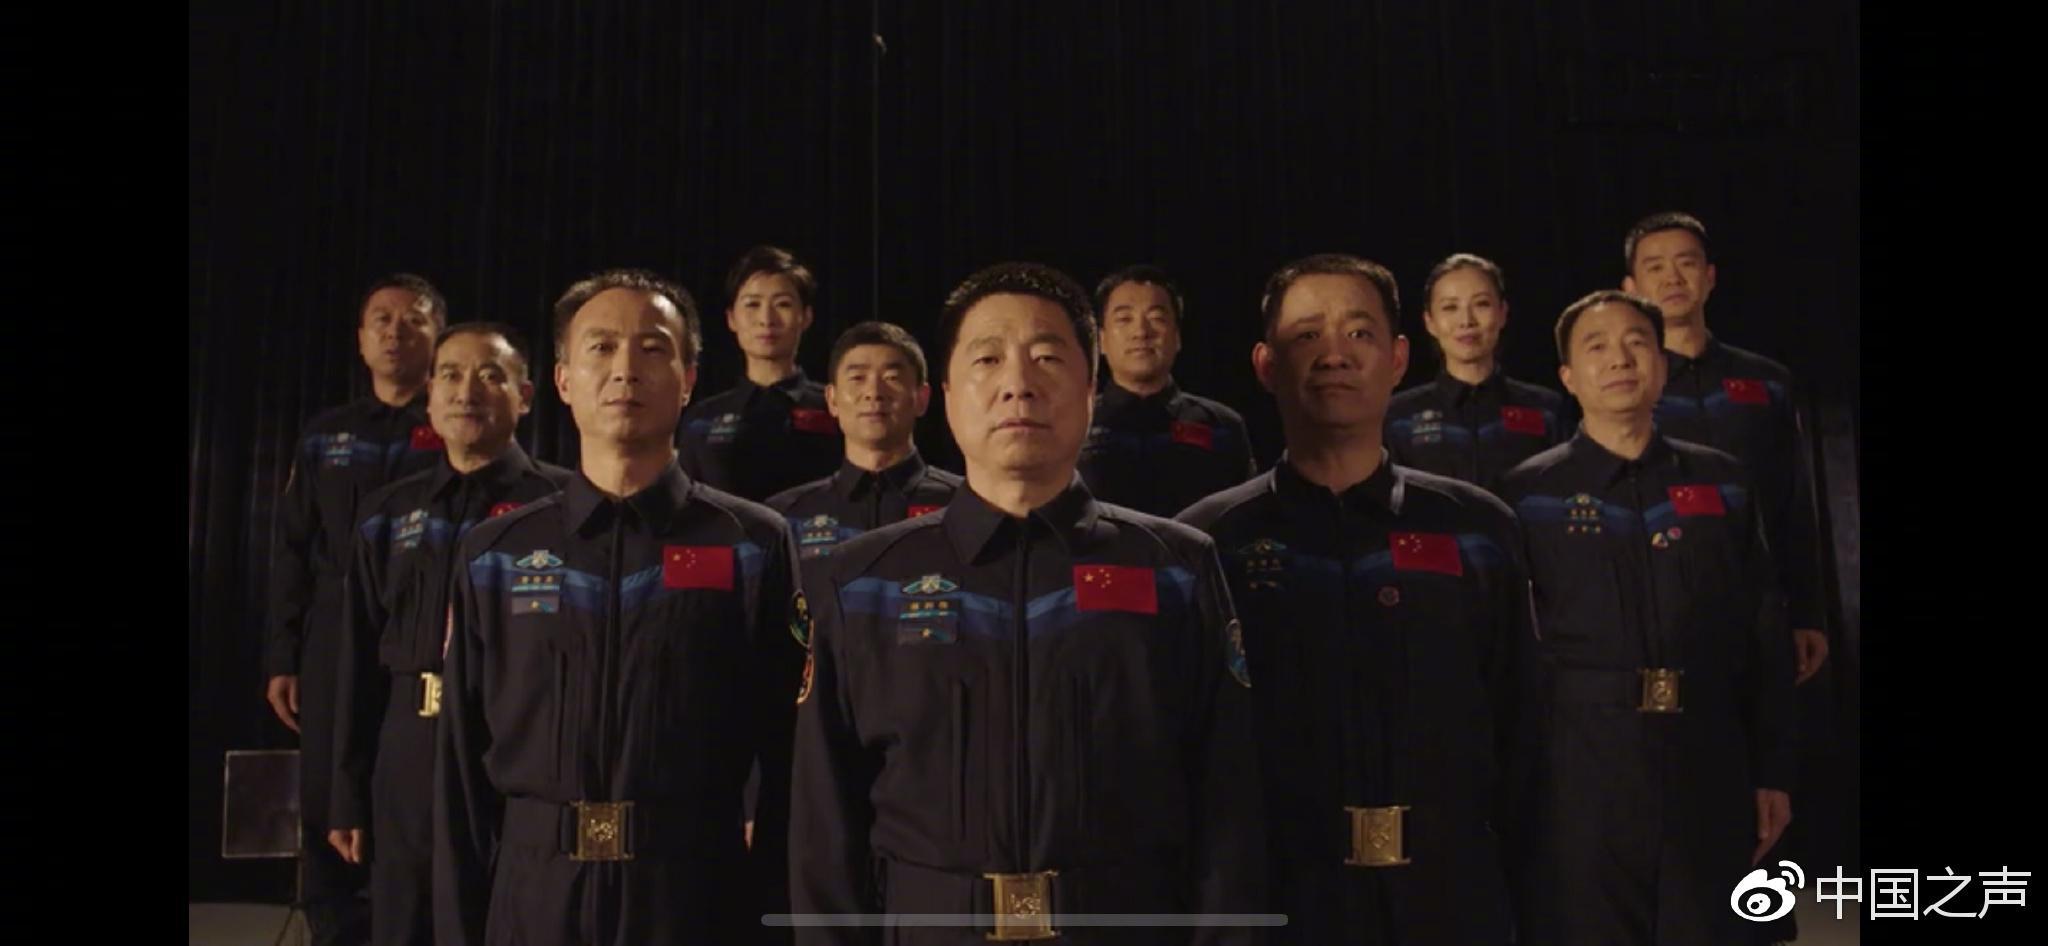 杨利伟解读航天员选拔类别:工程师首次被纳入